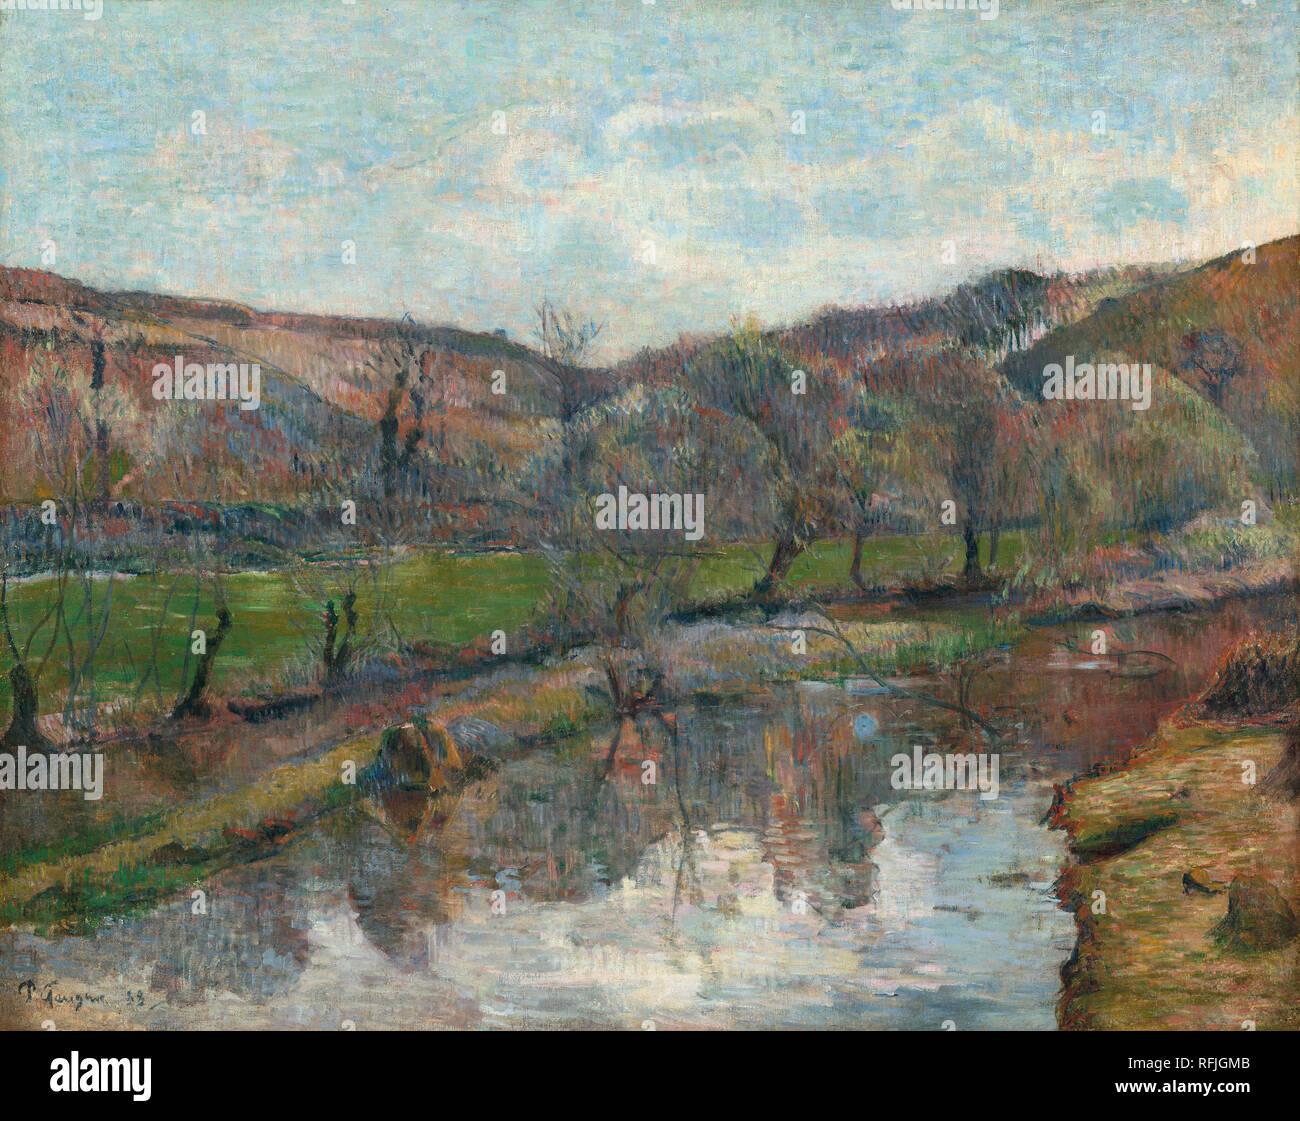 Brittany paesaggio. Data: 1888. Dimensioni: complessivo: 71,1 x 89,5 cm (28 x 35 1/4 in.) incorniciato: 91,4 x 115,6 cm (36 x 45 1/2 in.). Medium: olio su tela. Museo: National Gallery of Art di Washington DC. Autore: Paul Gauguin. Immagini Stock